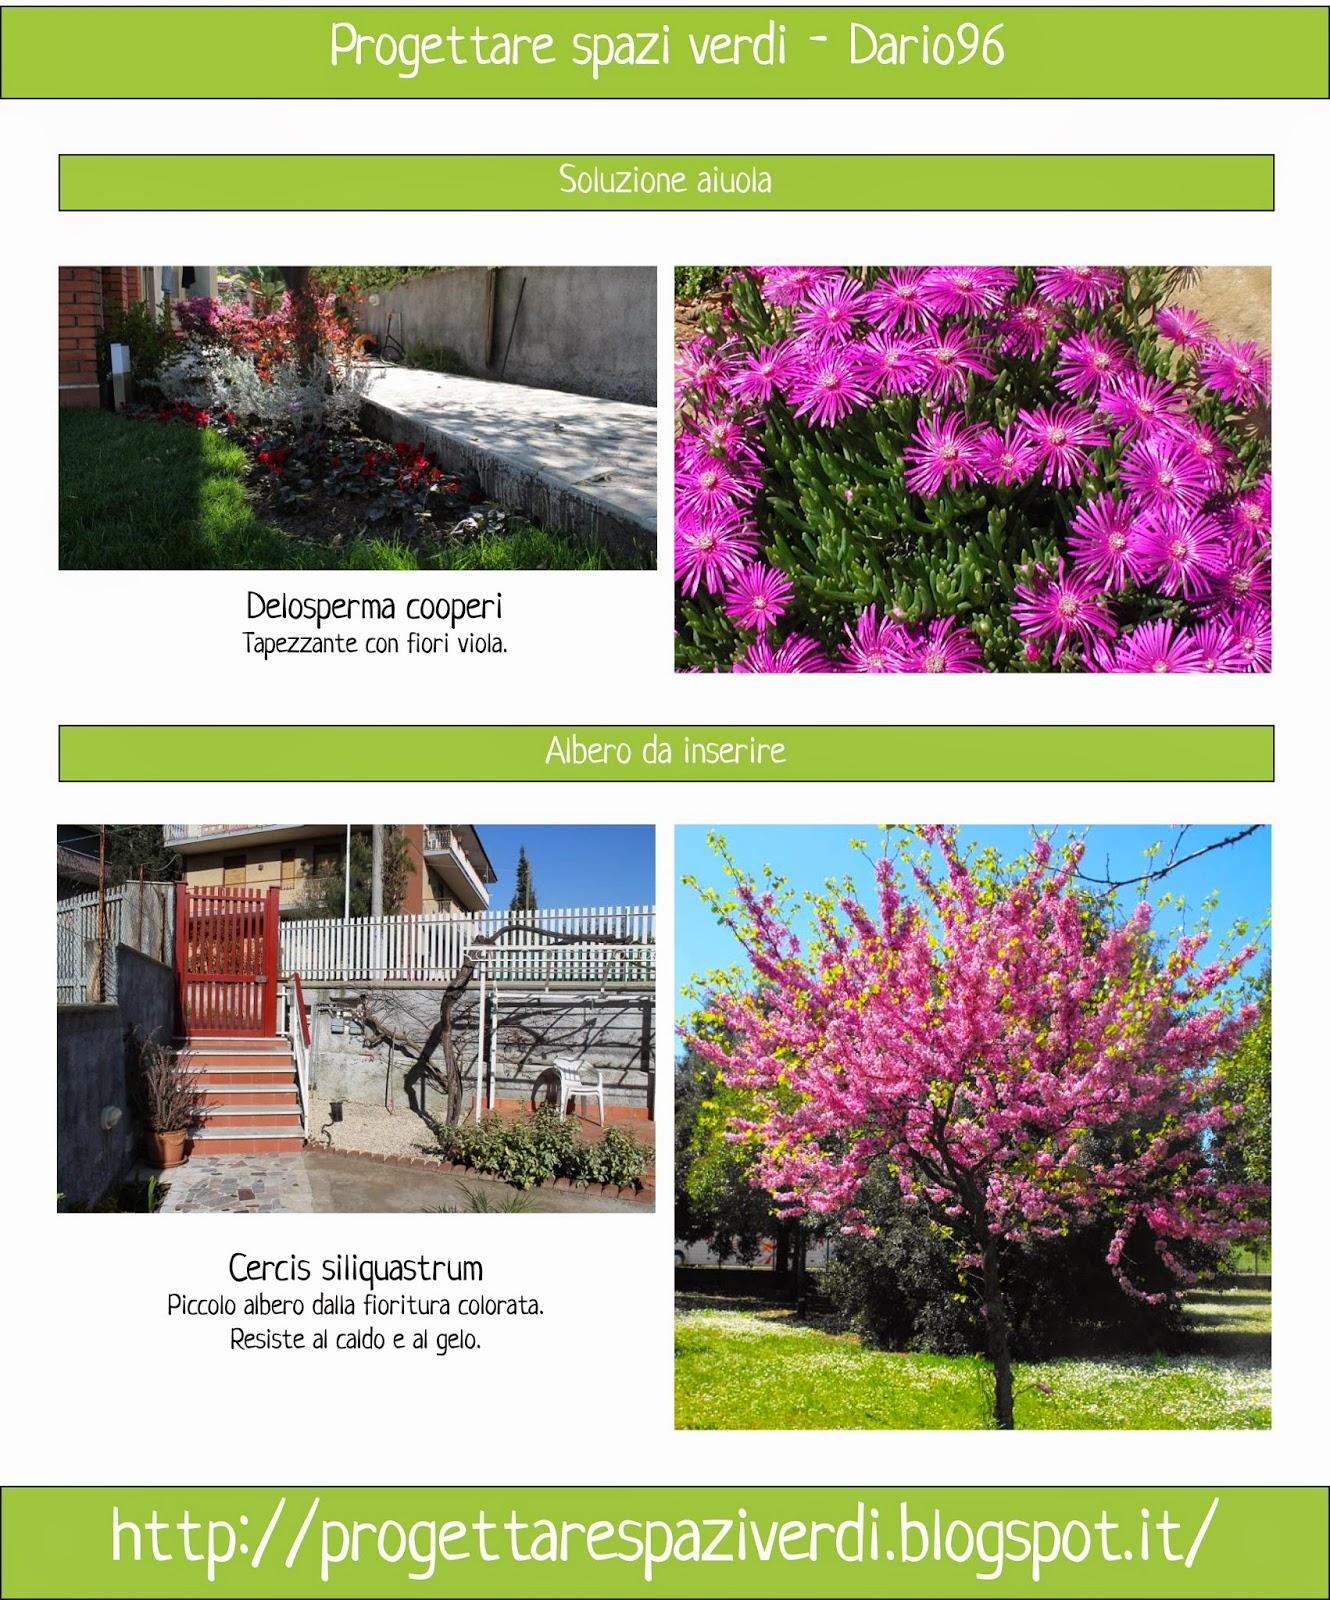 Progettare spazi verdi idee giardino dario96 for Progettare spazi verdi